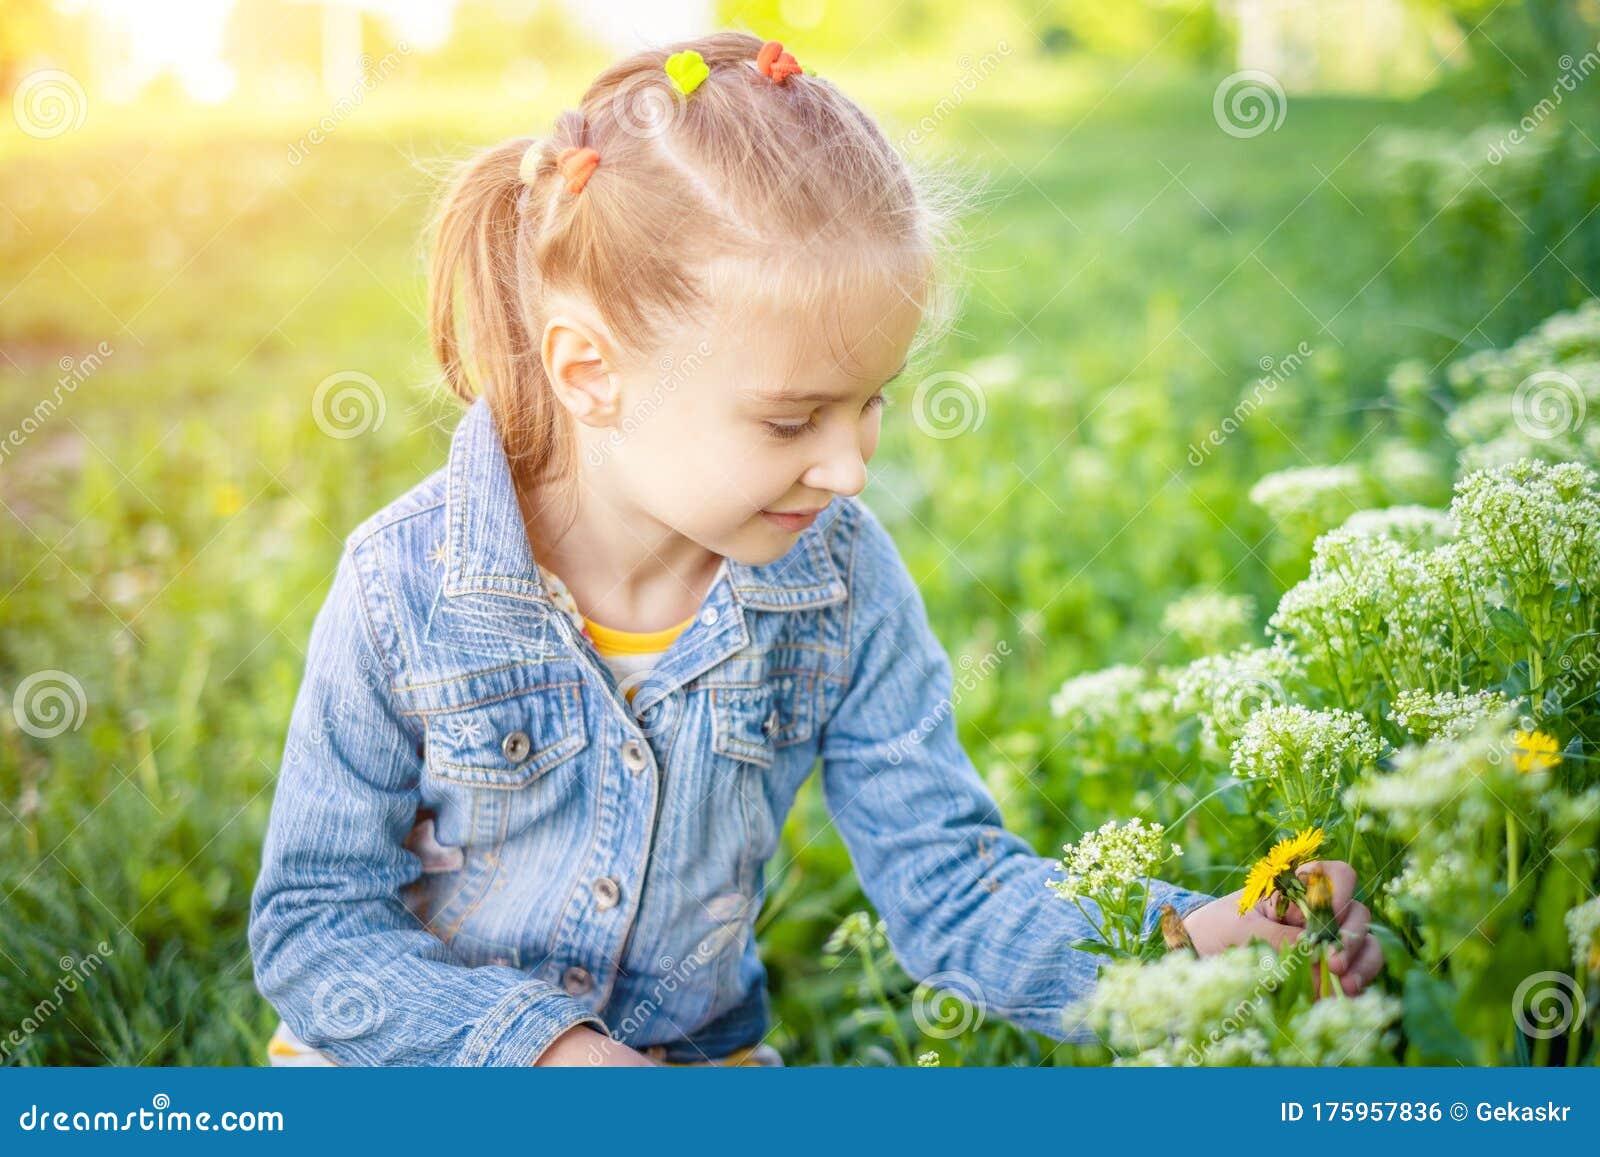 Smiling Little Girl Over Green Grass Background Stock